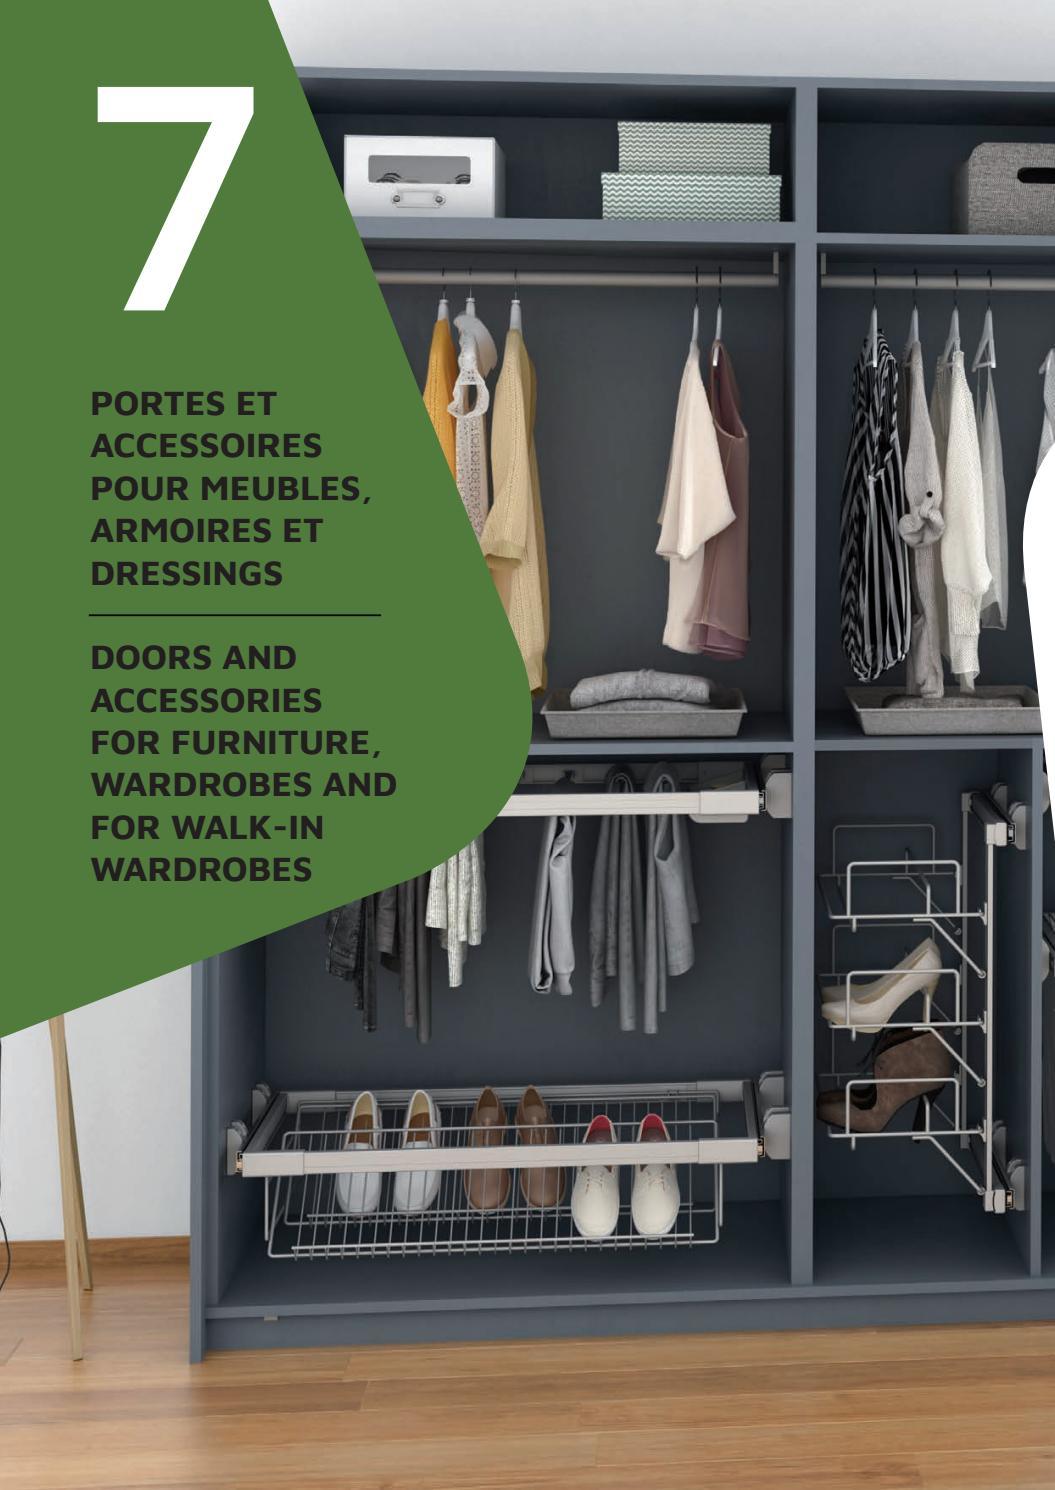 Profondeur Dressing Pour Cintre accessoires pour armoires et dressings / accessories for